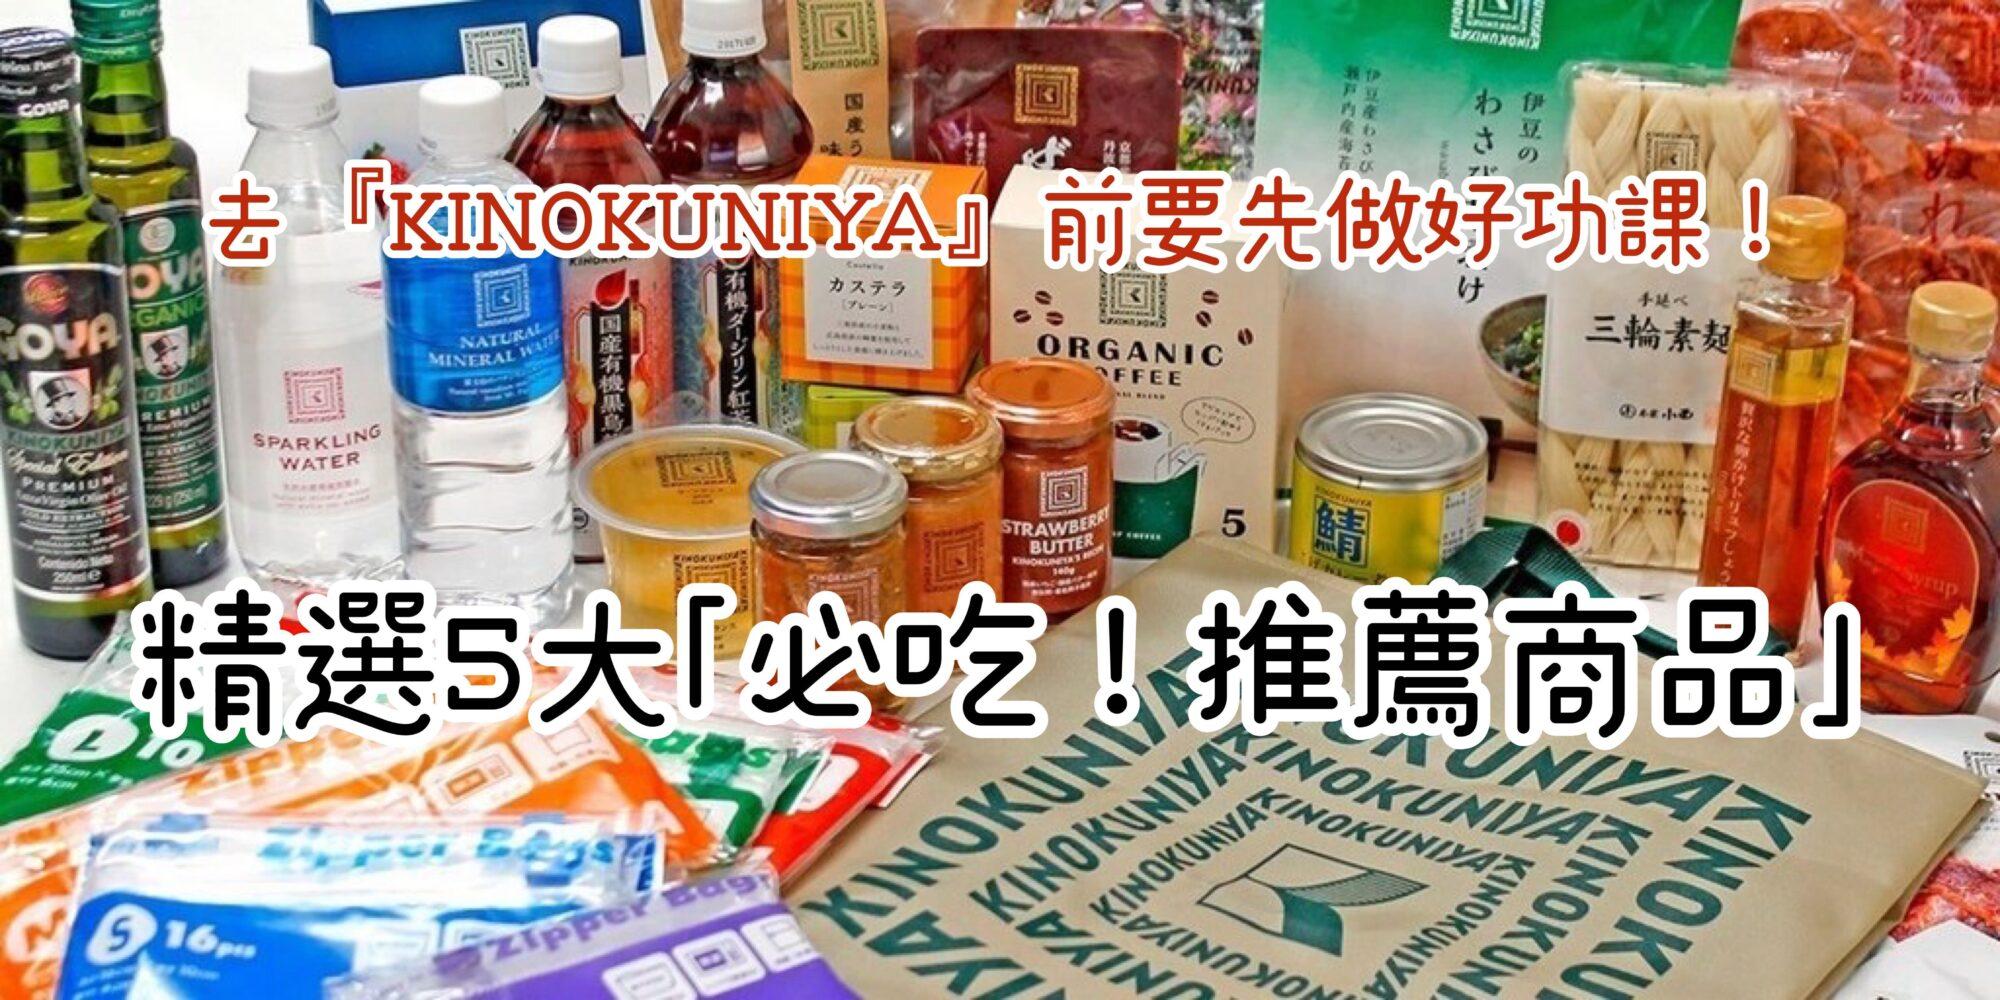 京都購物|令人引頸期待的『KINOKUNIYA(紀ノ国屋)』首次登陸關西!5/25在『JR京都伊勢丹(ジェイアール京都伊勢丹)』正式開幕